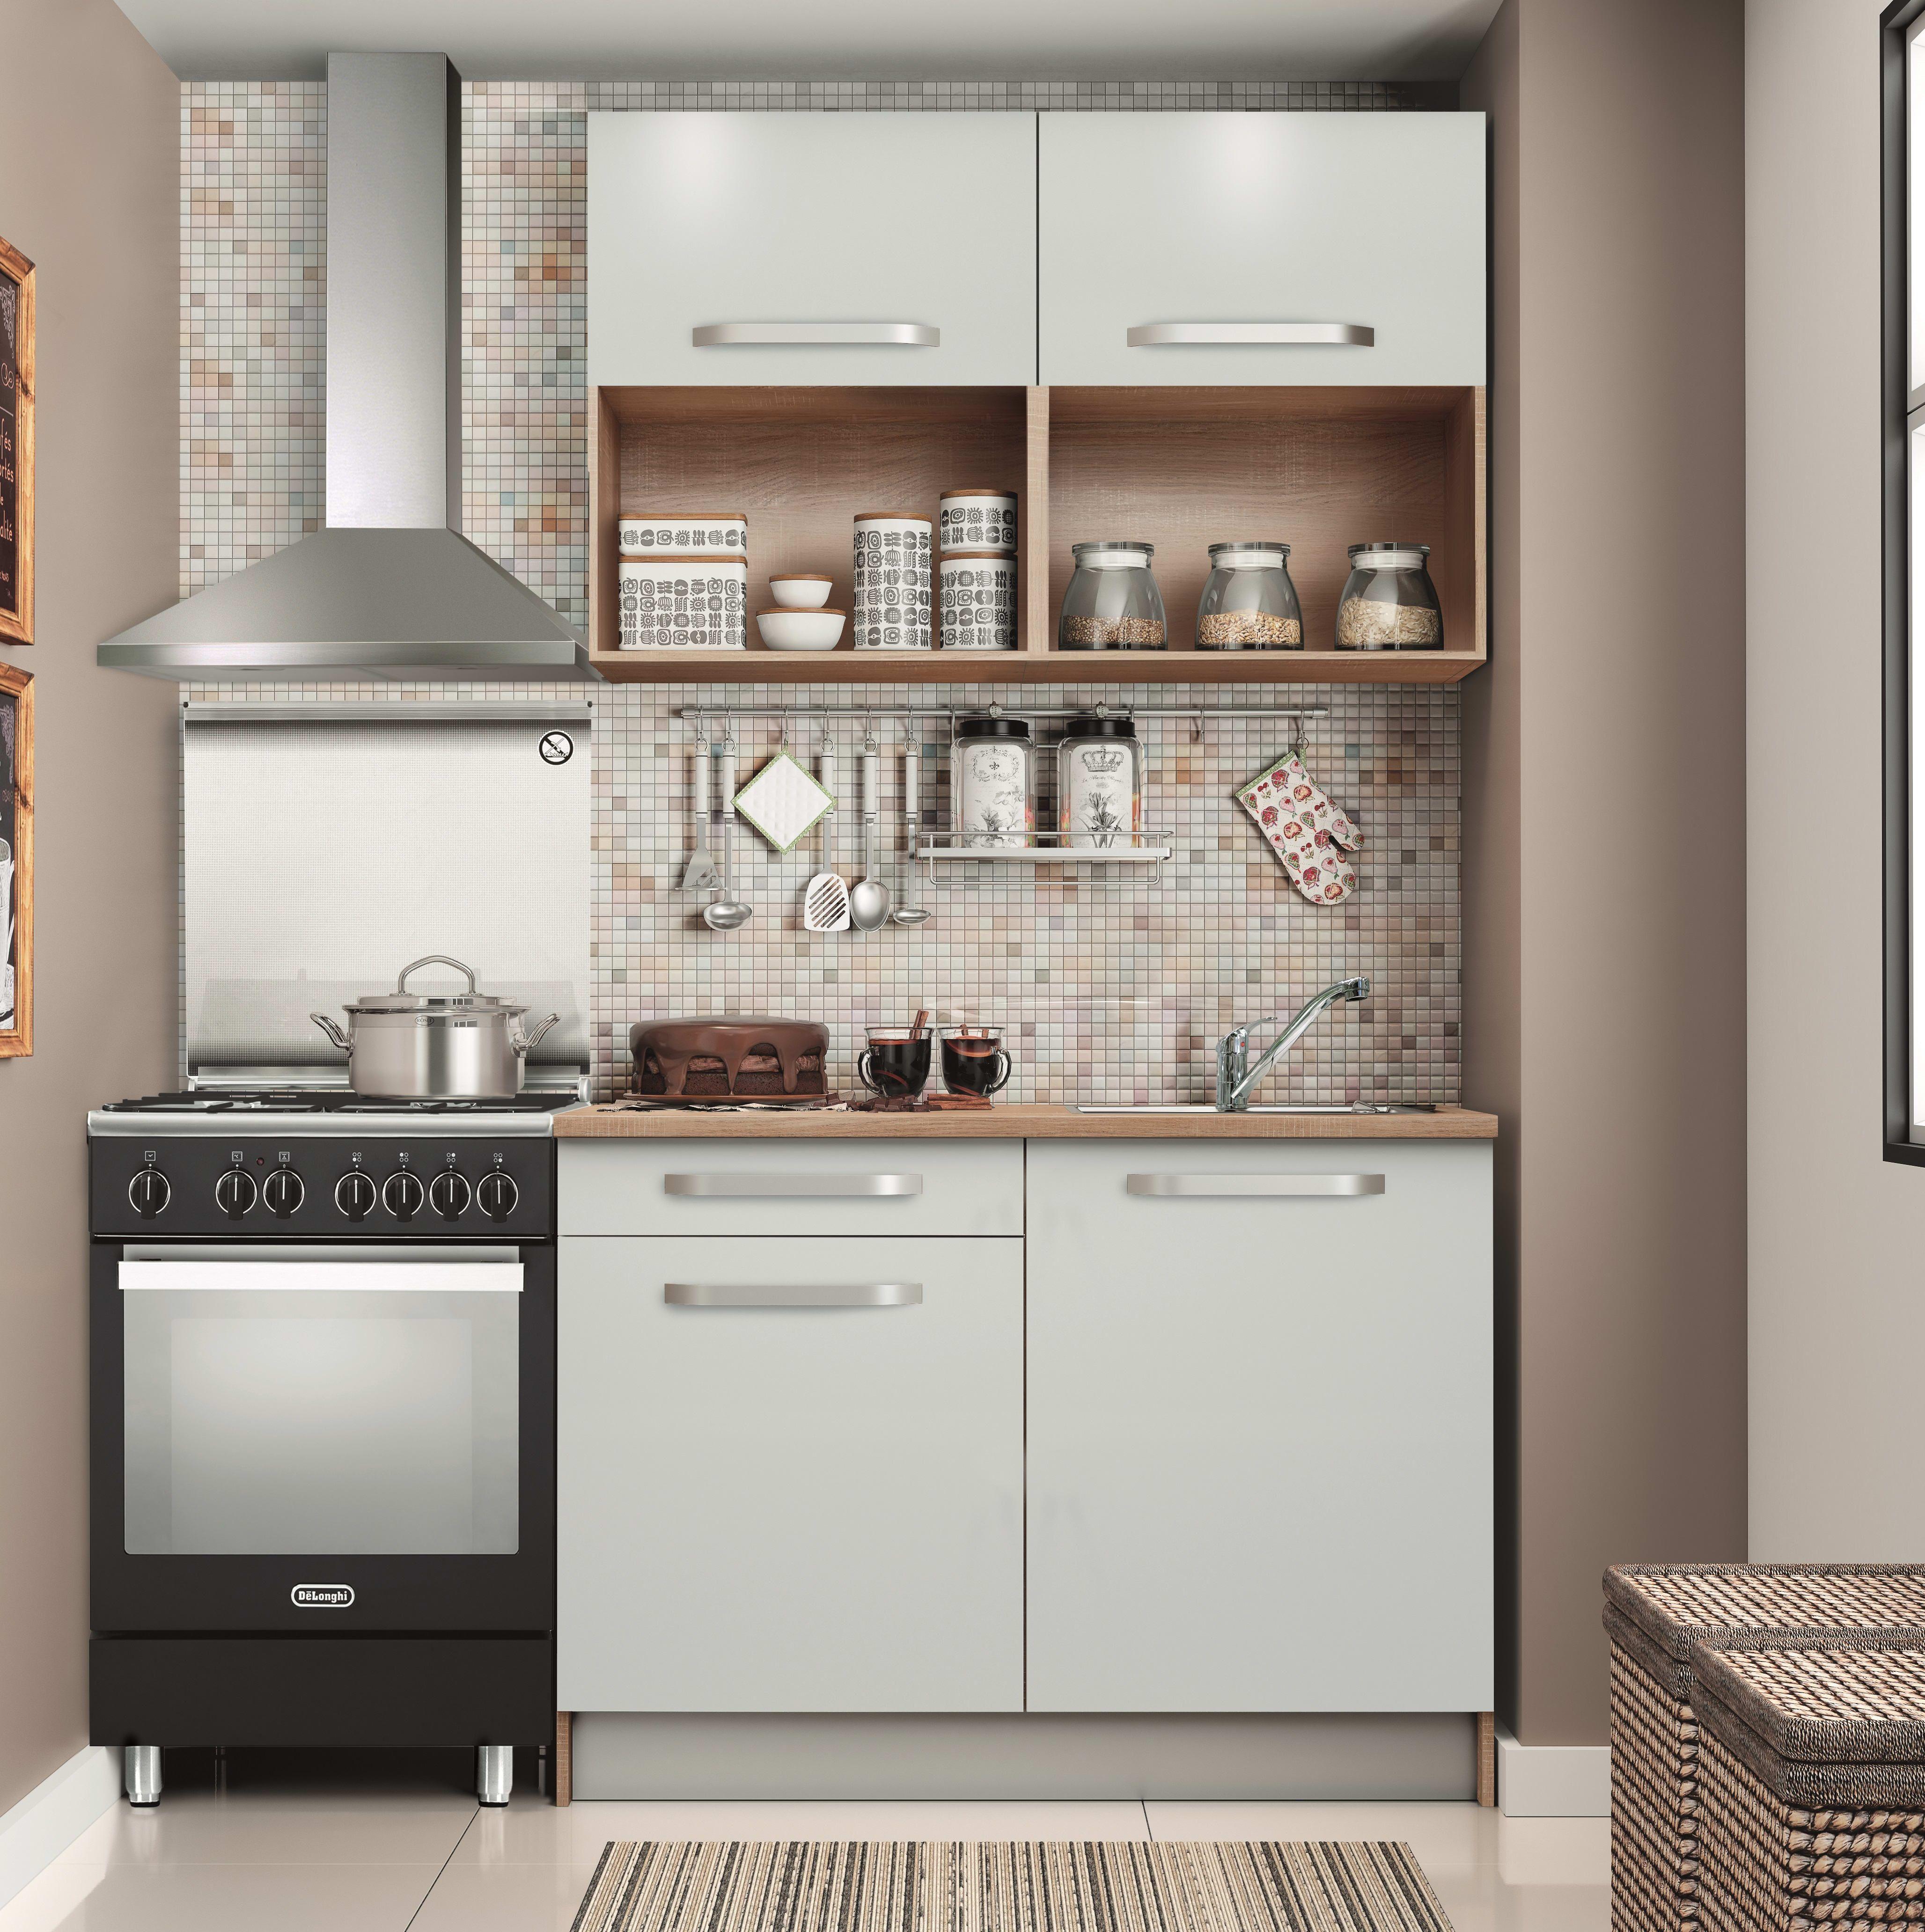 Cucina Leroy Merlin | Arredo interni cucina, Arredamento ...